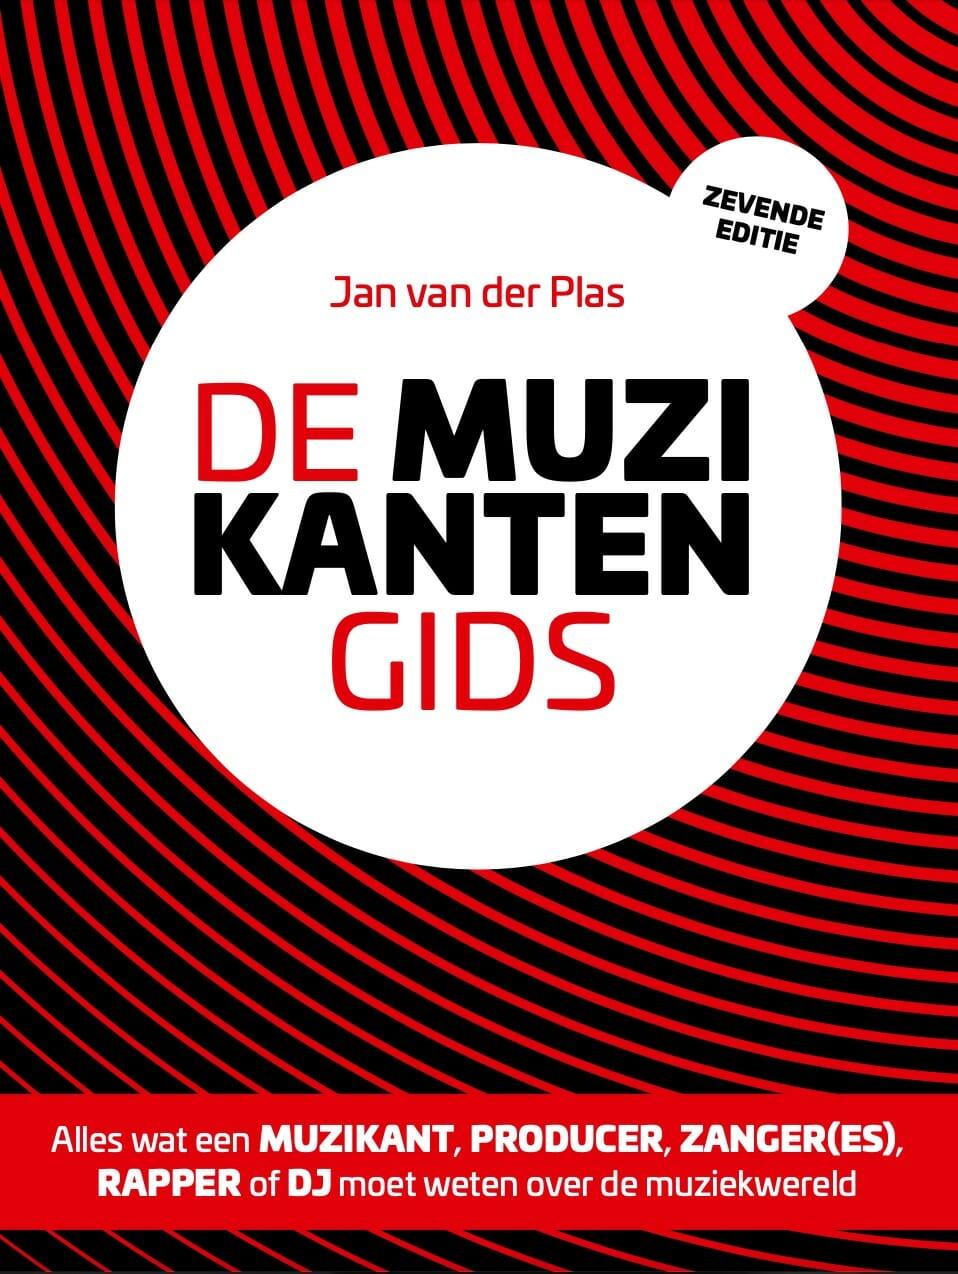 De Muzikantengids, 7de geheel vernieuwde editie t.w.v. 28,90